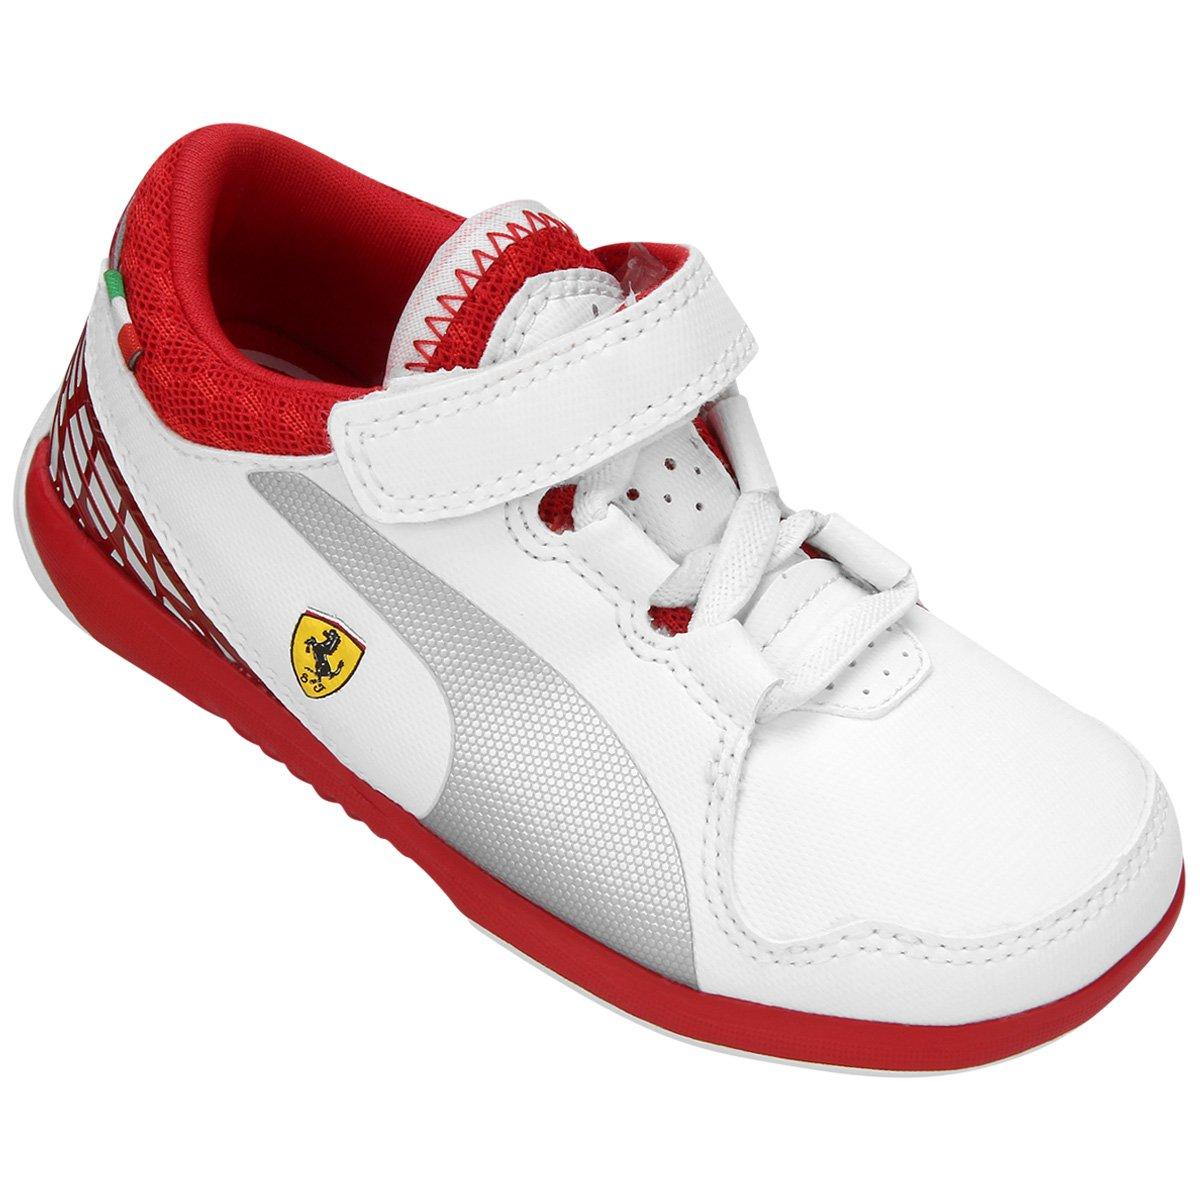 88508578077a7 Tênis Infantil Puma Valorosso Scuderia Ferrari 5 - Branco e Vermelho -  Compre Agora